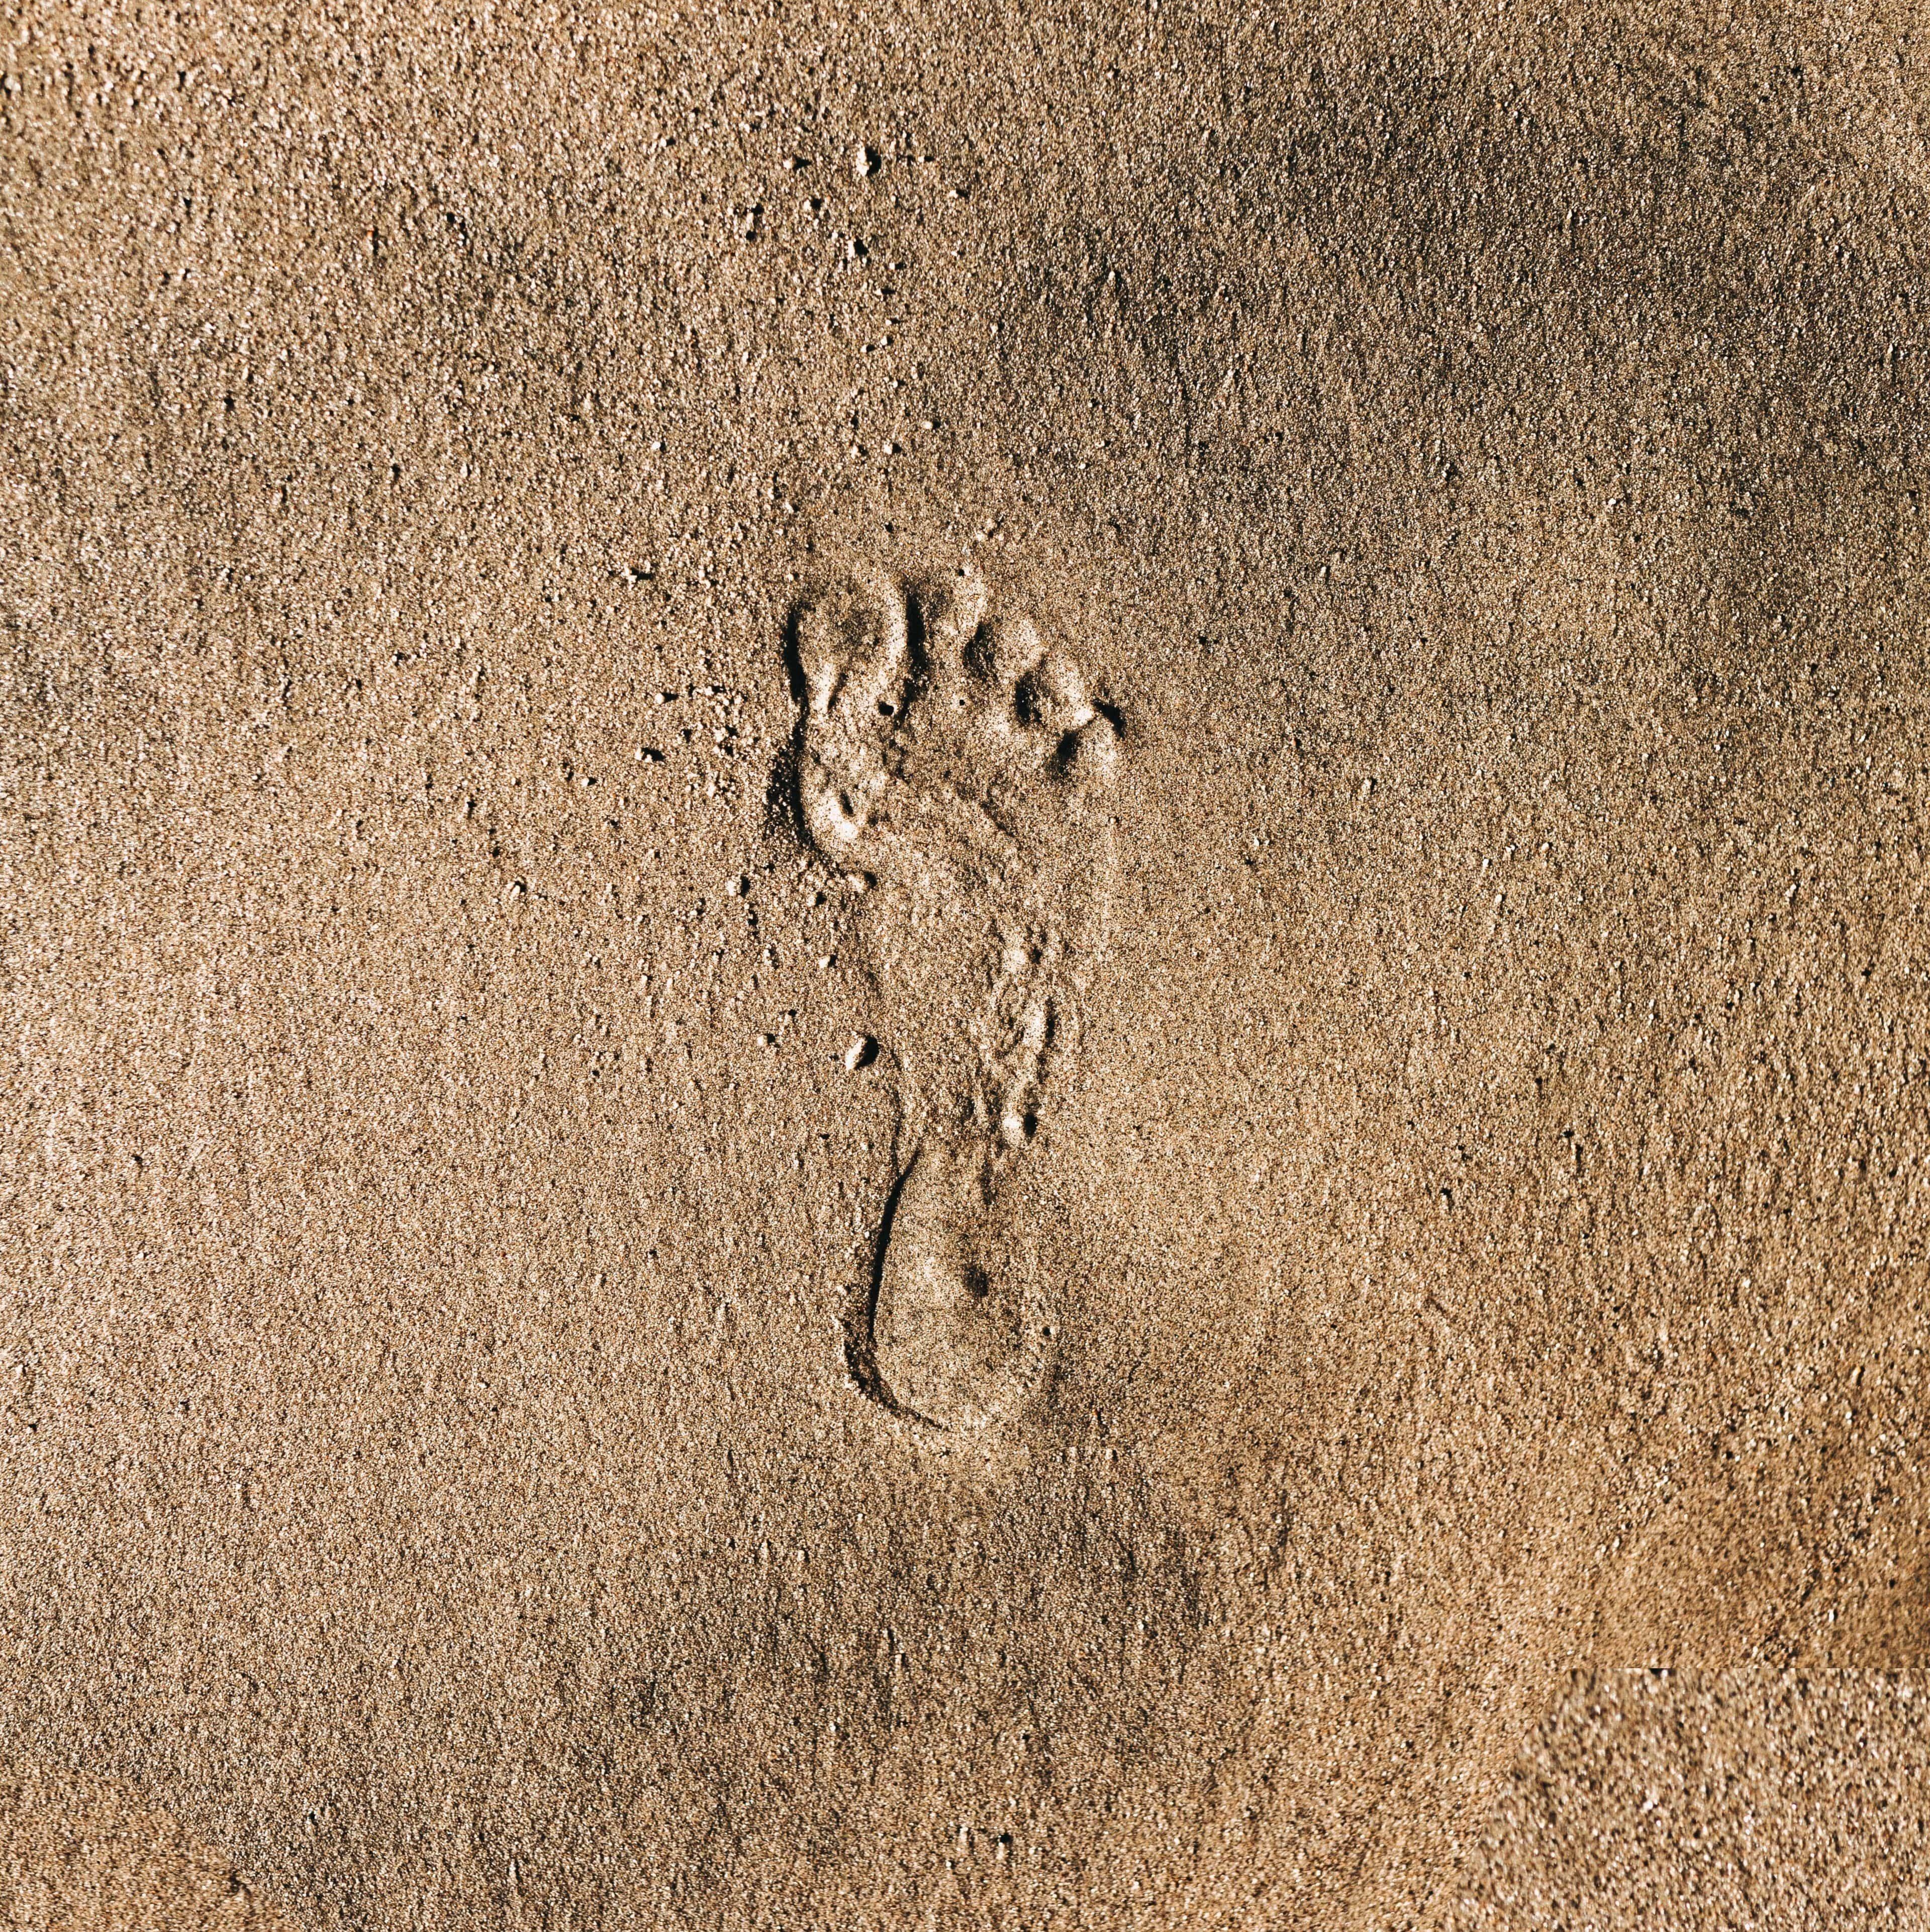 Uhlíková stopa.